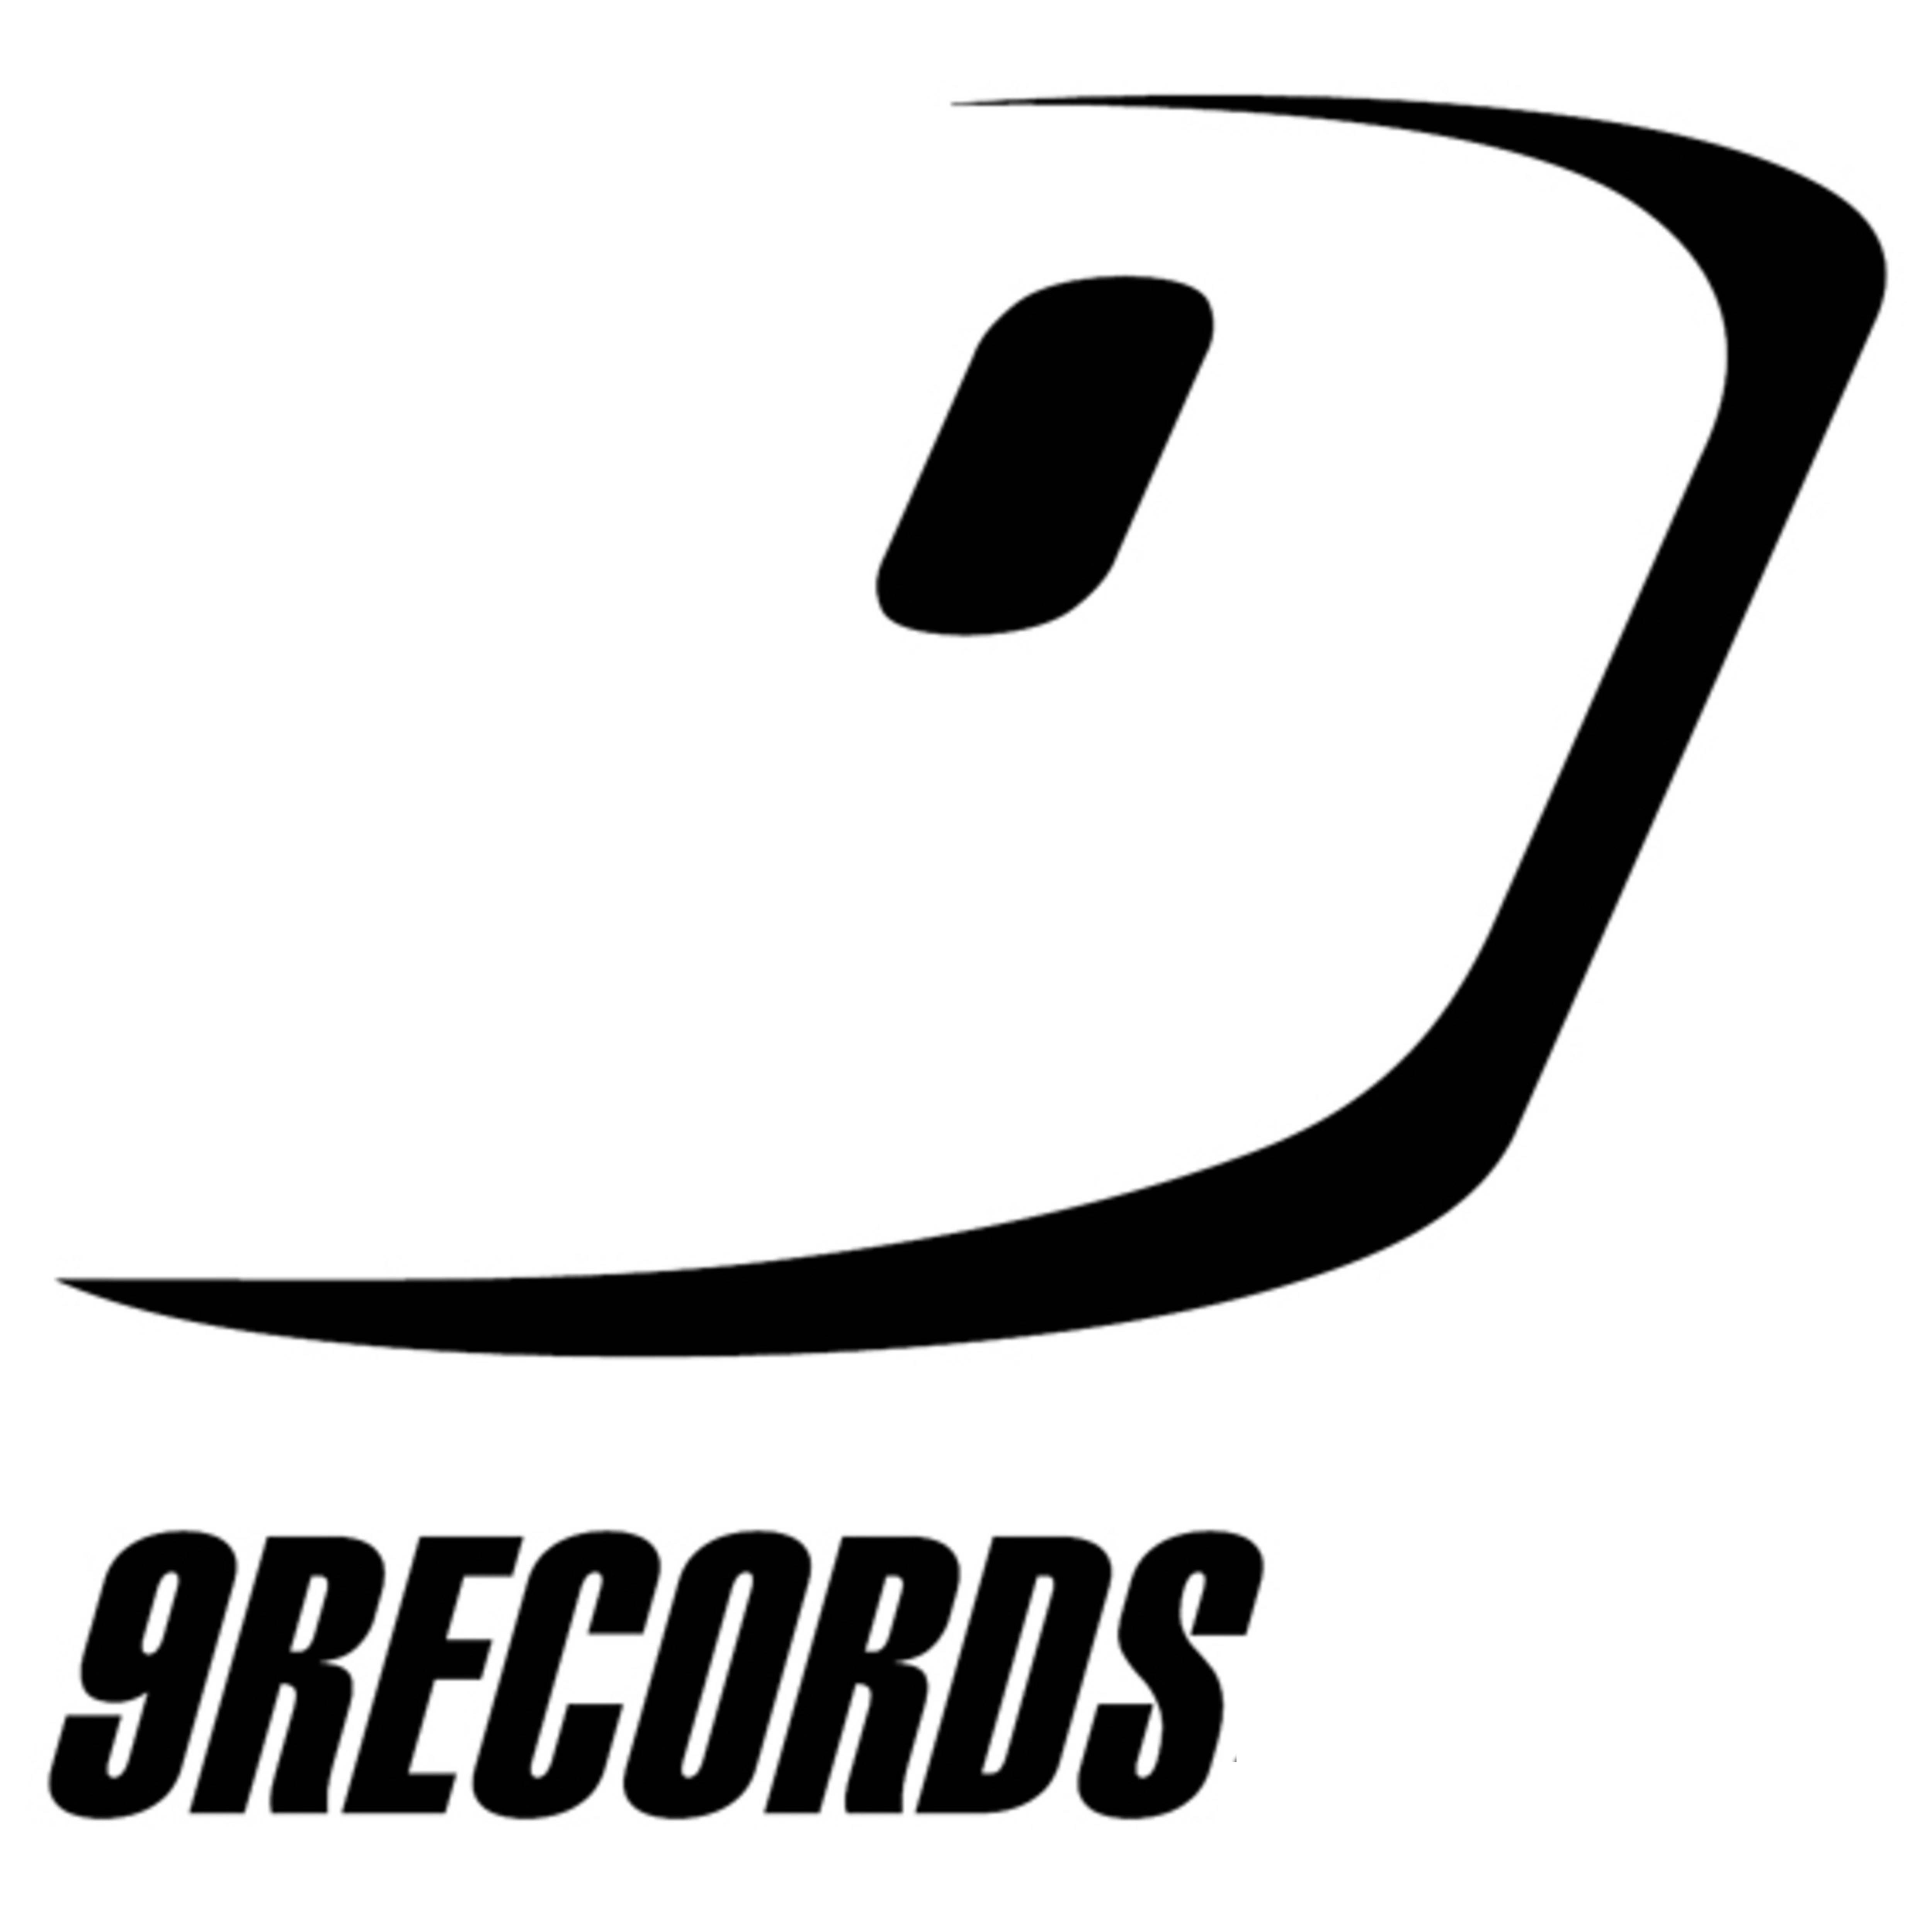 9Records.com